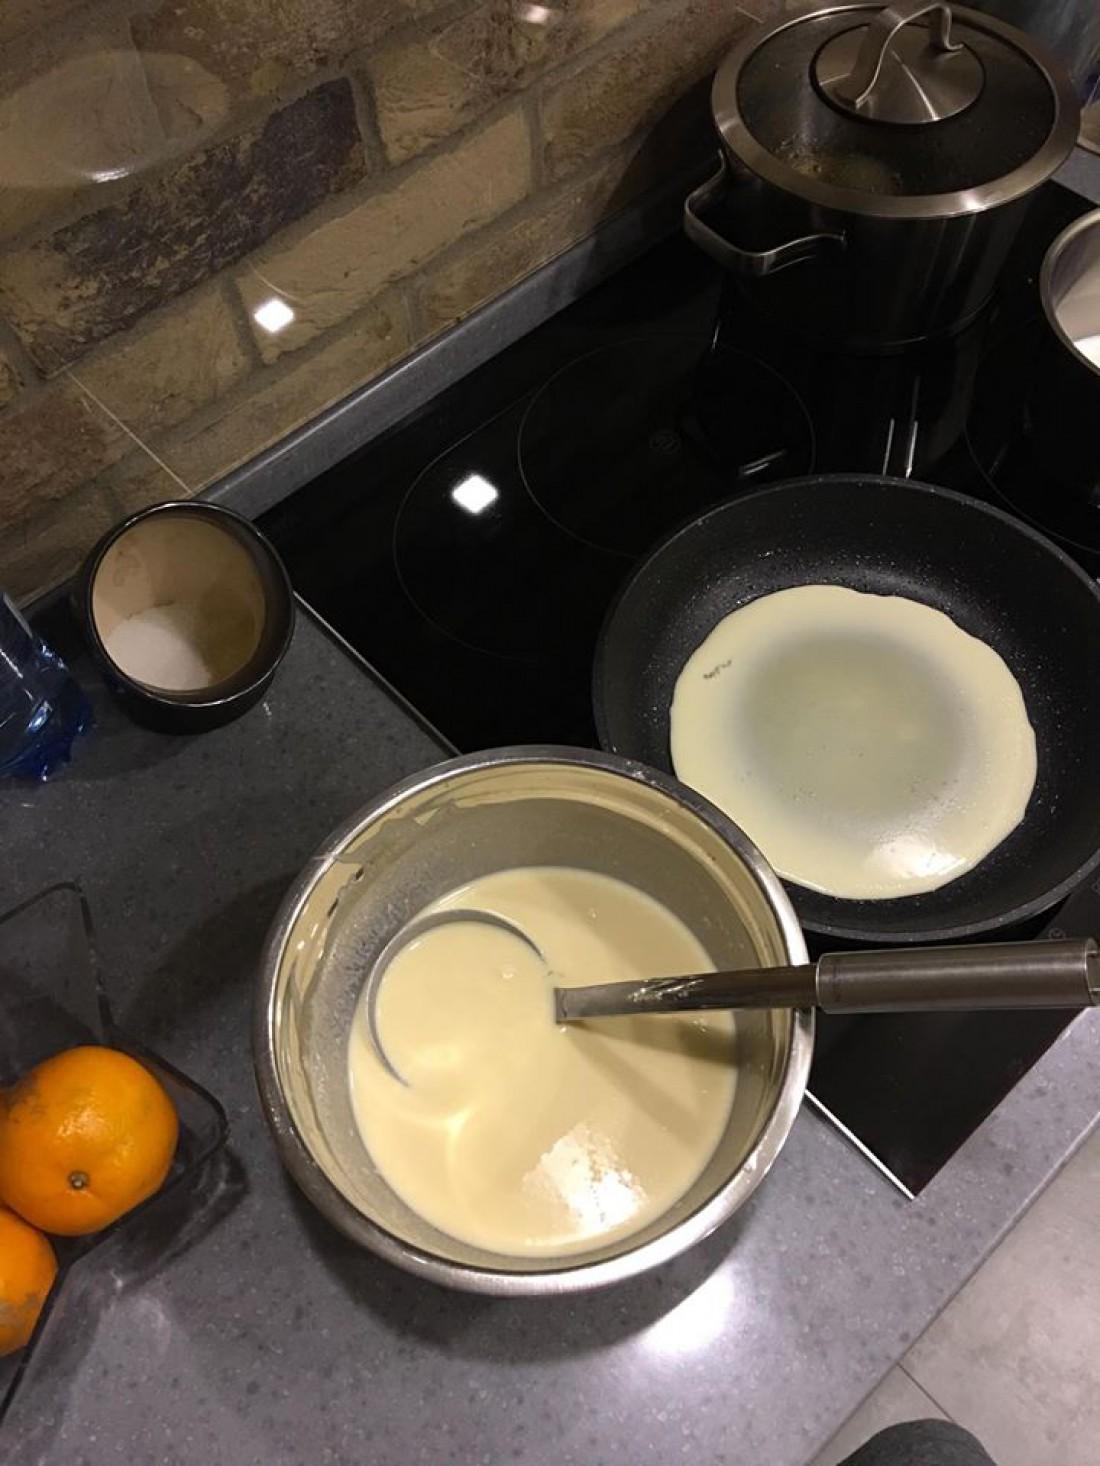 Тесто для блинов можно накрыть пленкой и оставить в холодильник на полчаса